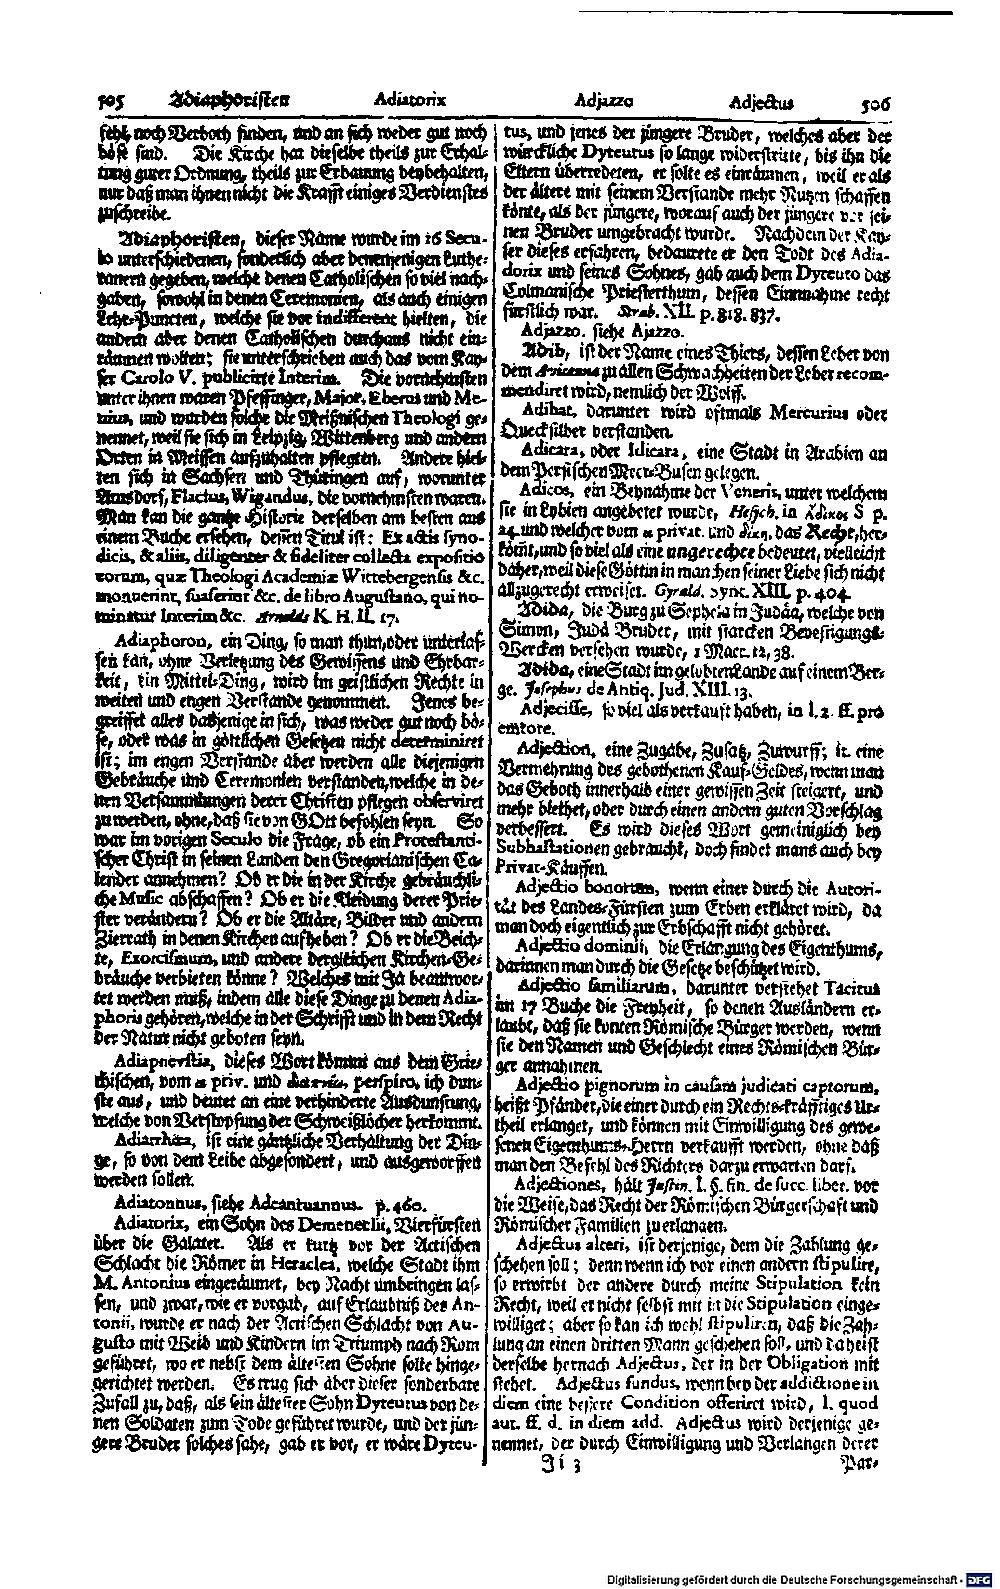 Bd. 01, Seite 0292.